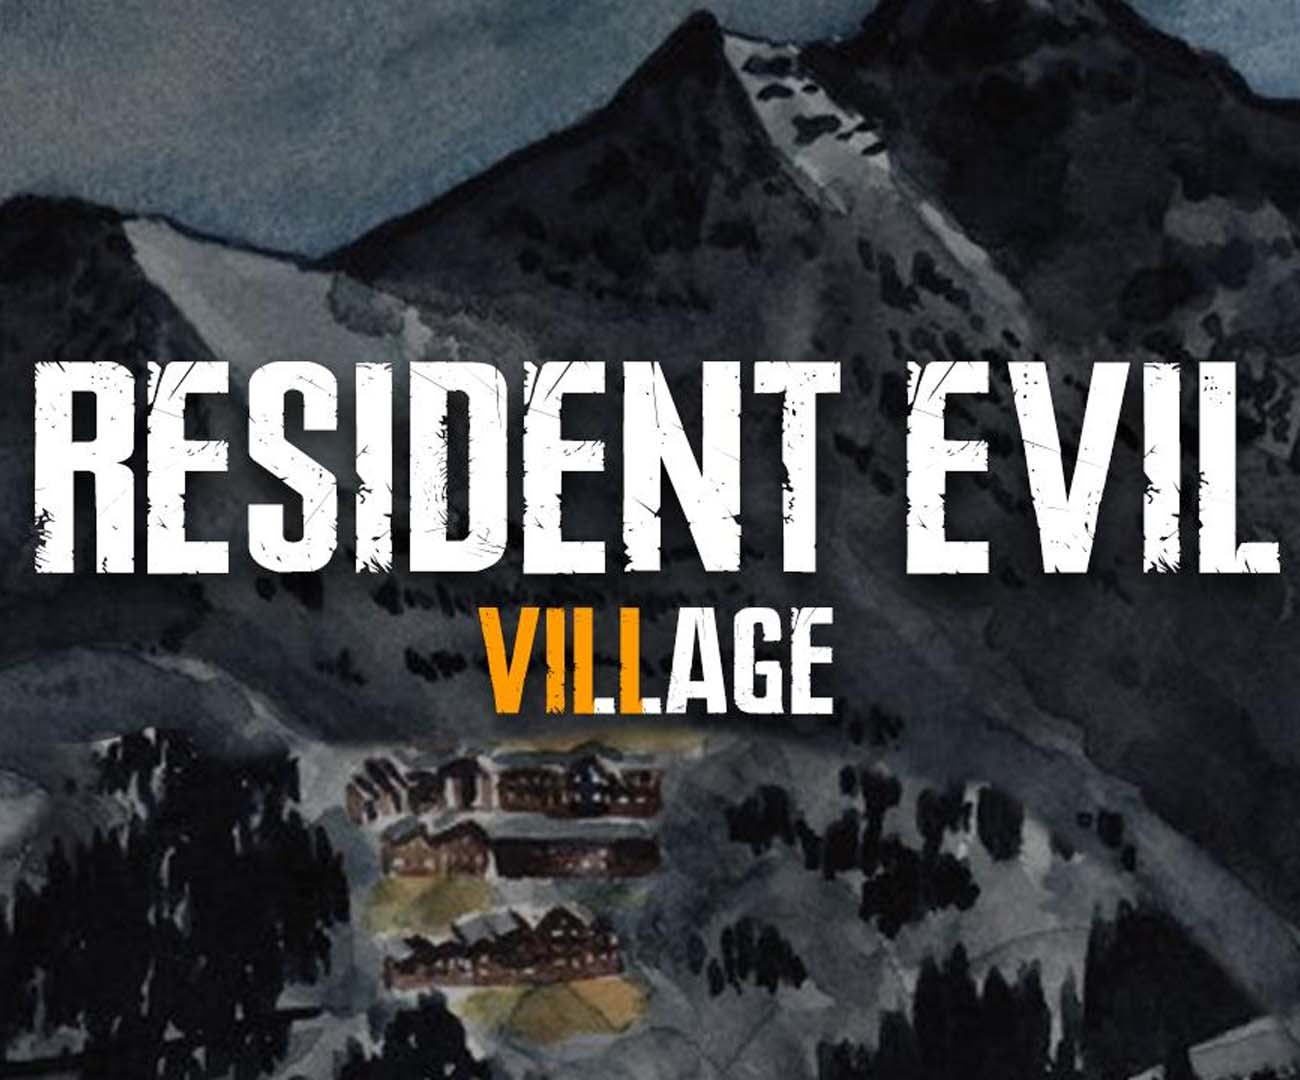 resident evil seria, resident evil 8